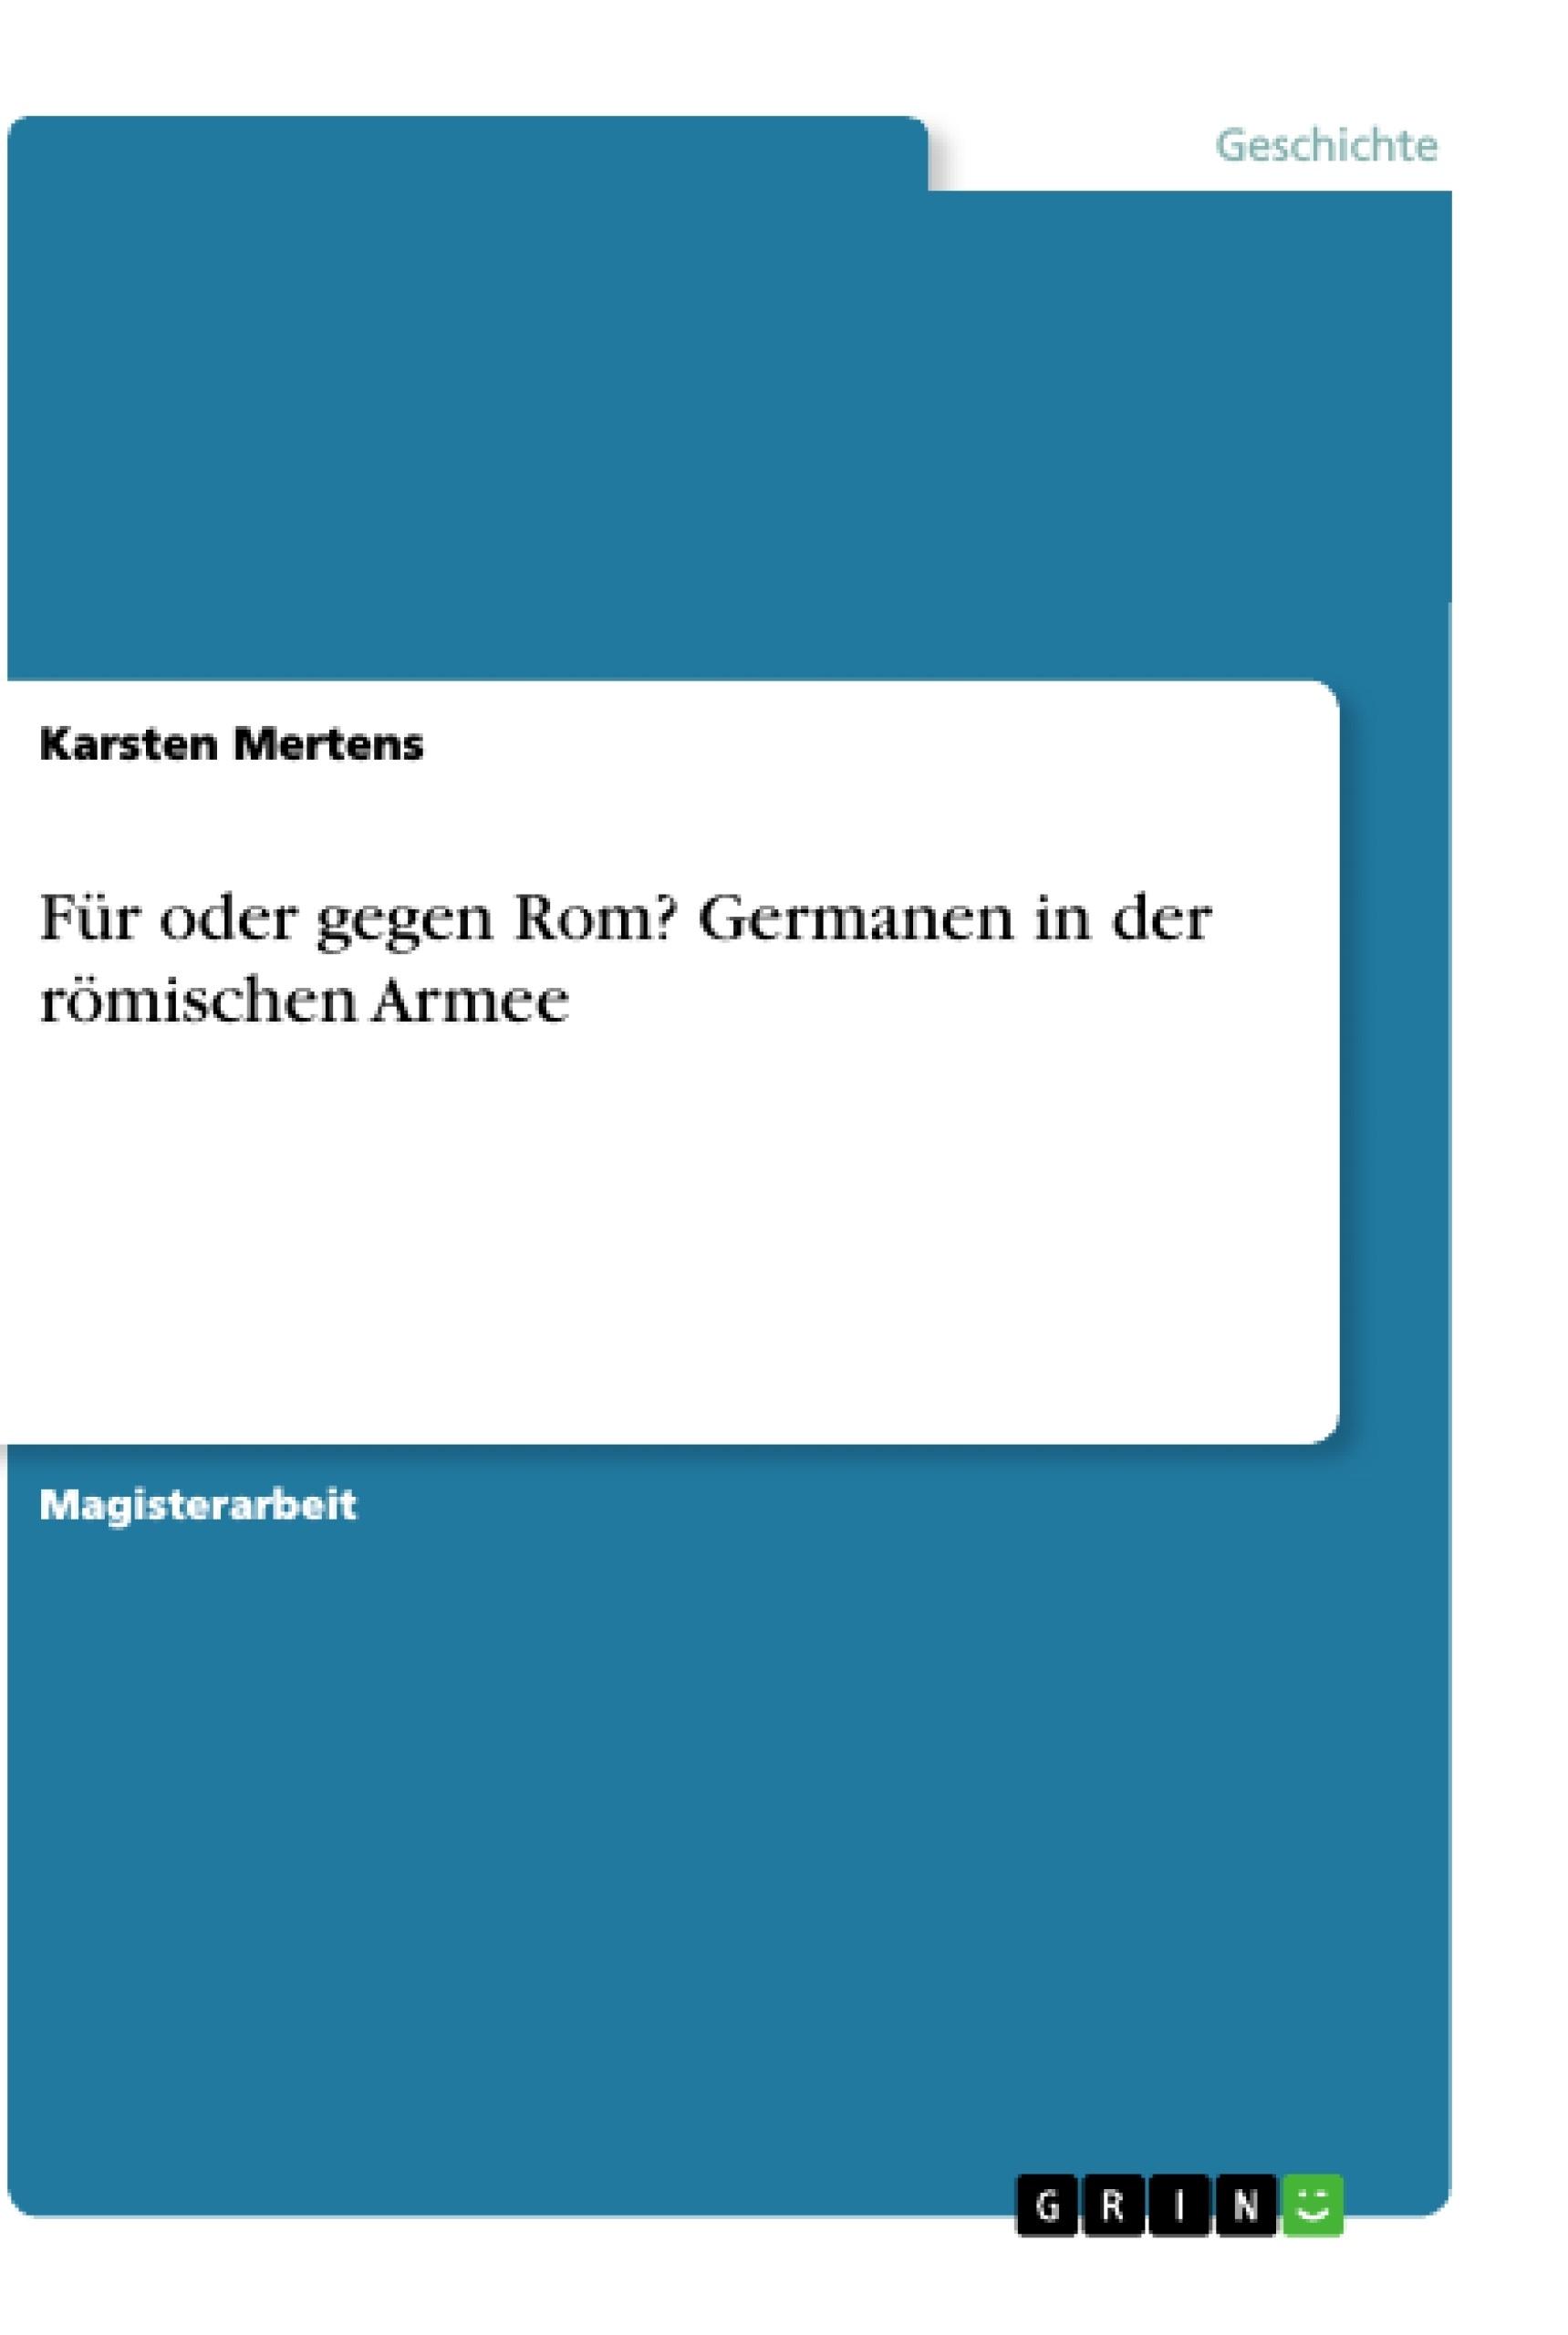 Titel: Für oder gegen Rom? Germanen in der römischen Armee